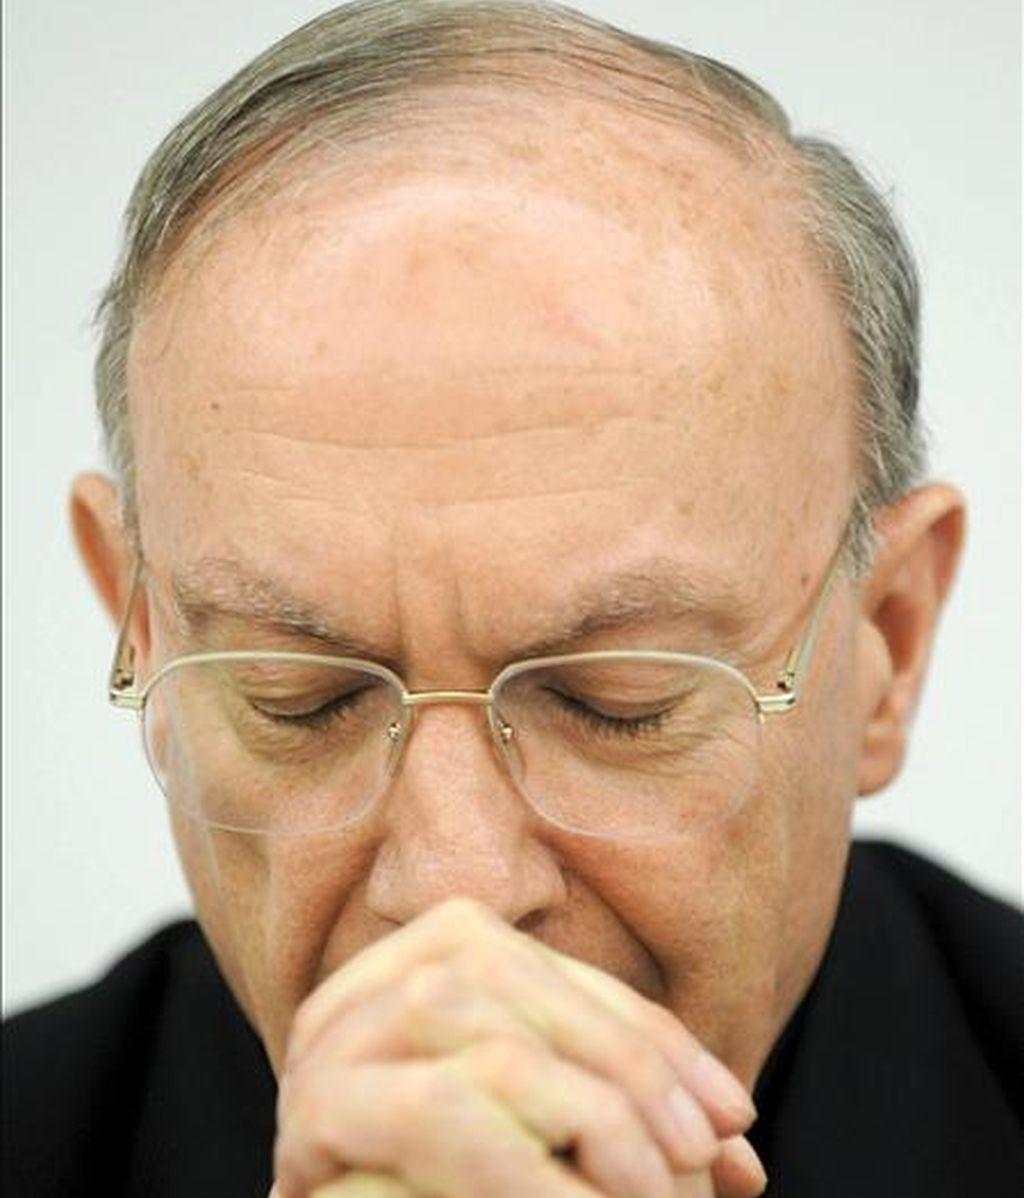 El arzobispo de Malinas-Bruselas, jefe de los obispos belgas, Andre Joseph Leonard, durante una rueda de prensa sobre el cese al obispo de Brujas (Bélgica), Roger Joseph Vangheluwe, de 74 años, por abusar sexualmente de un joven belga cuando era sacerdote. EFE